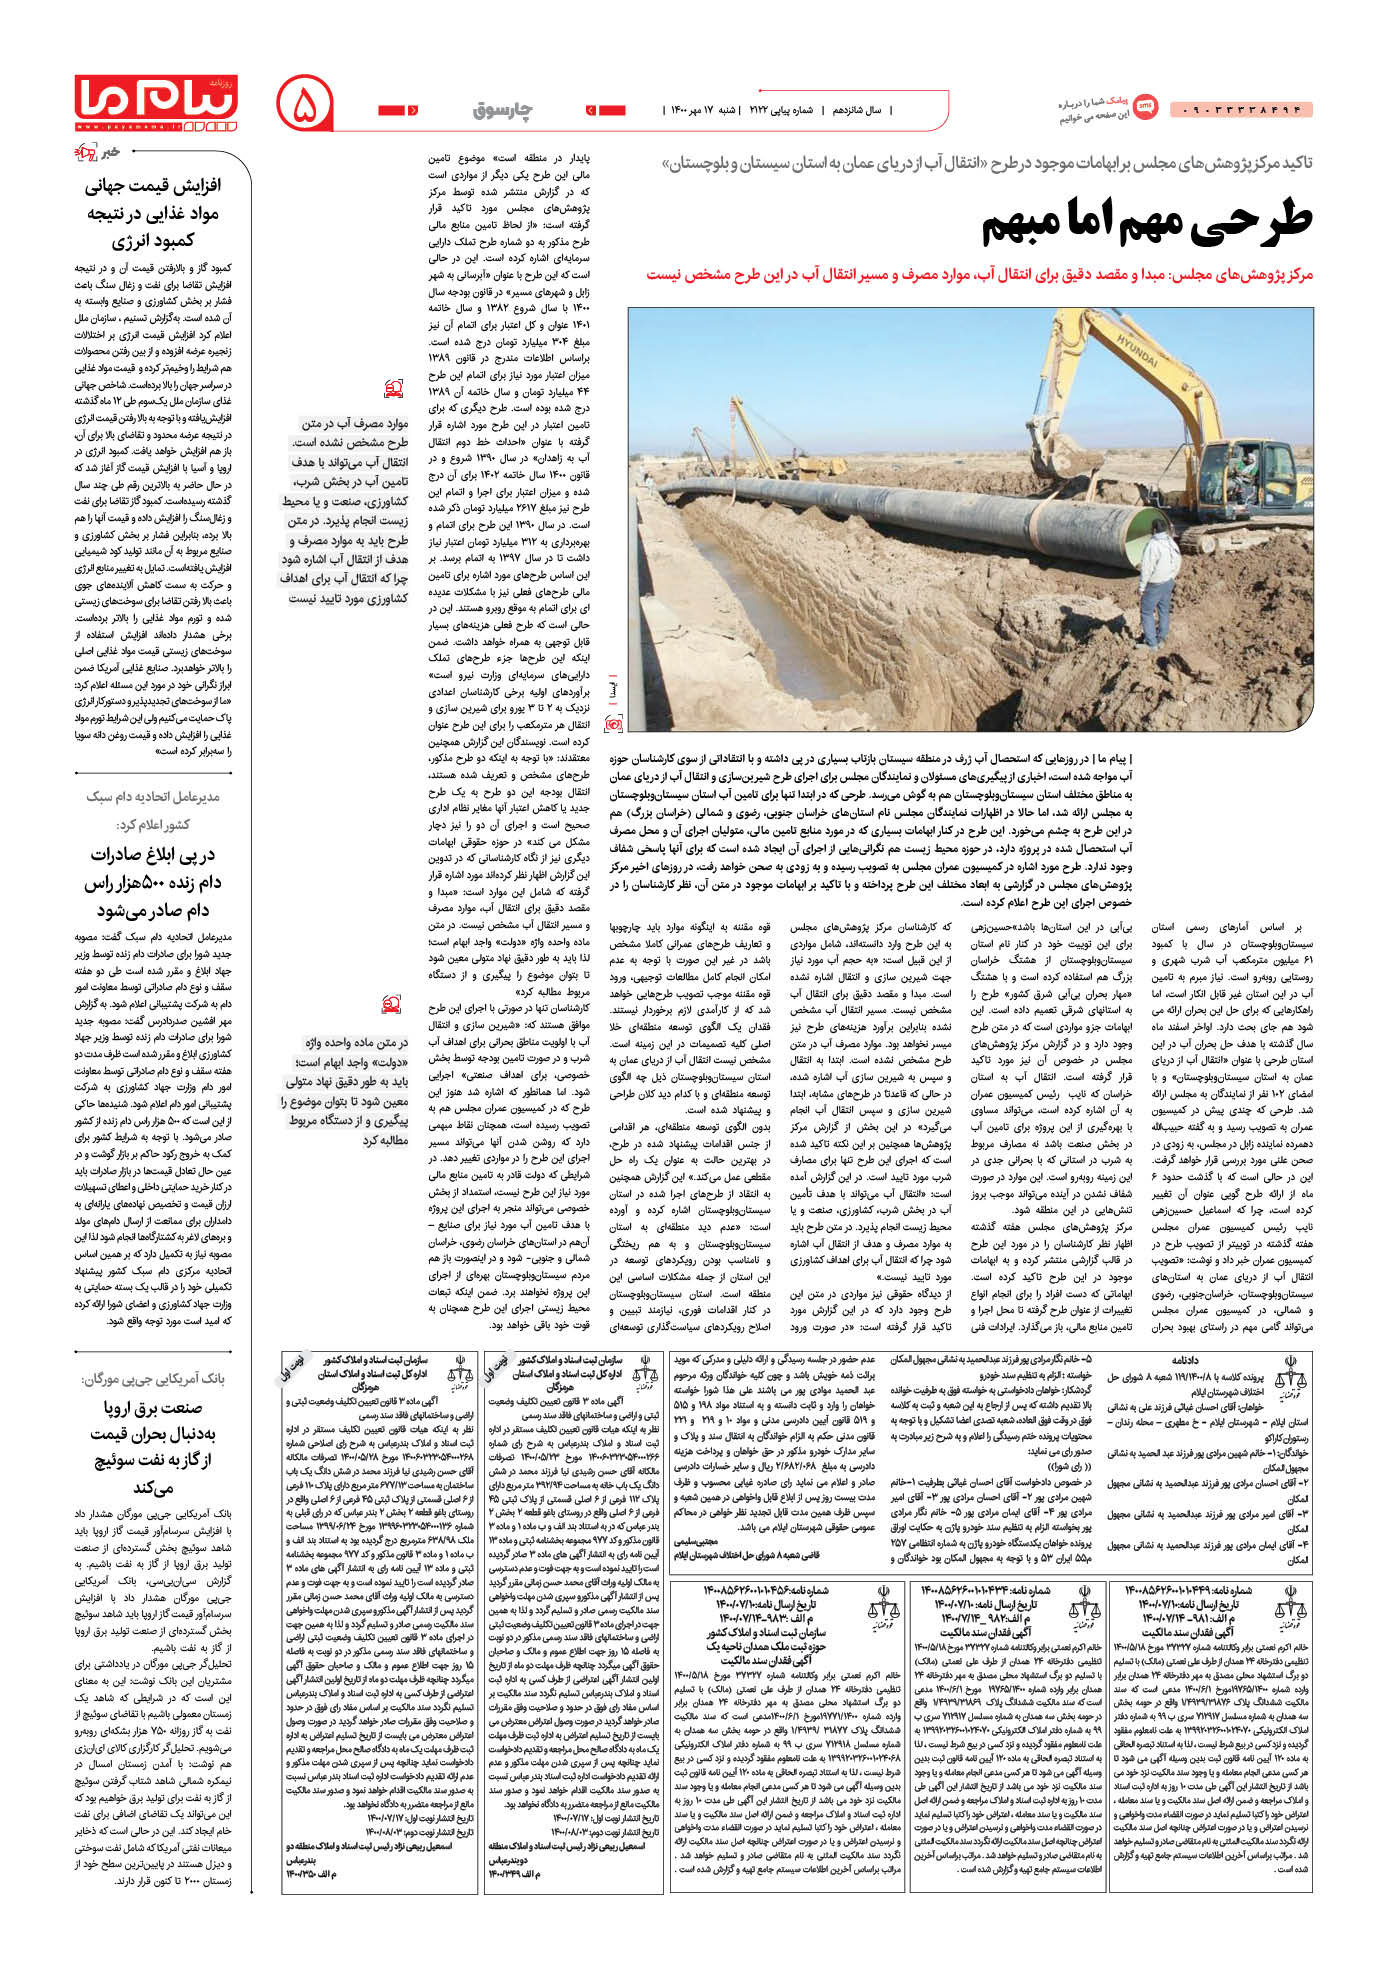 صفحه چارسوق شماره 2122 روزنامه پیام ما